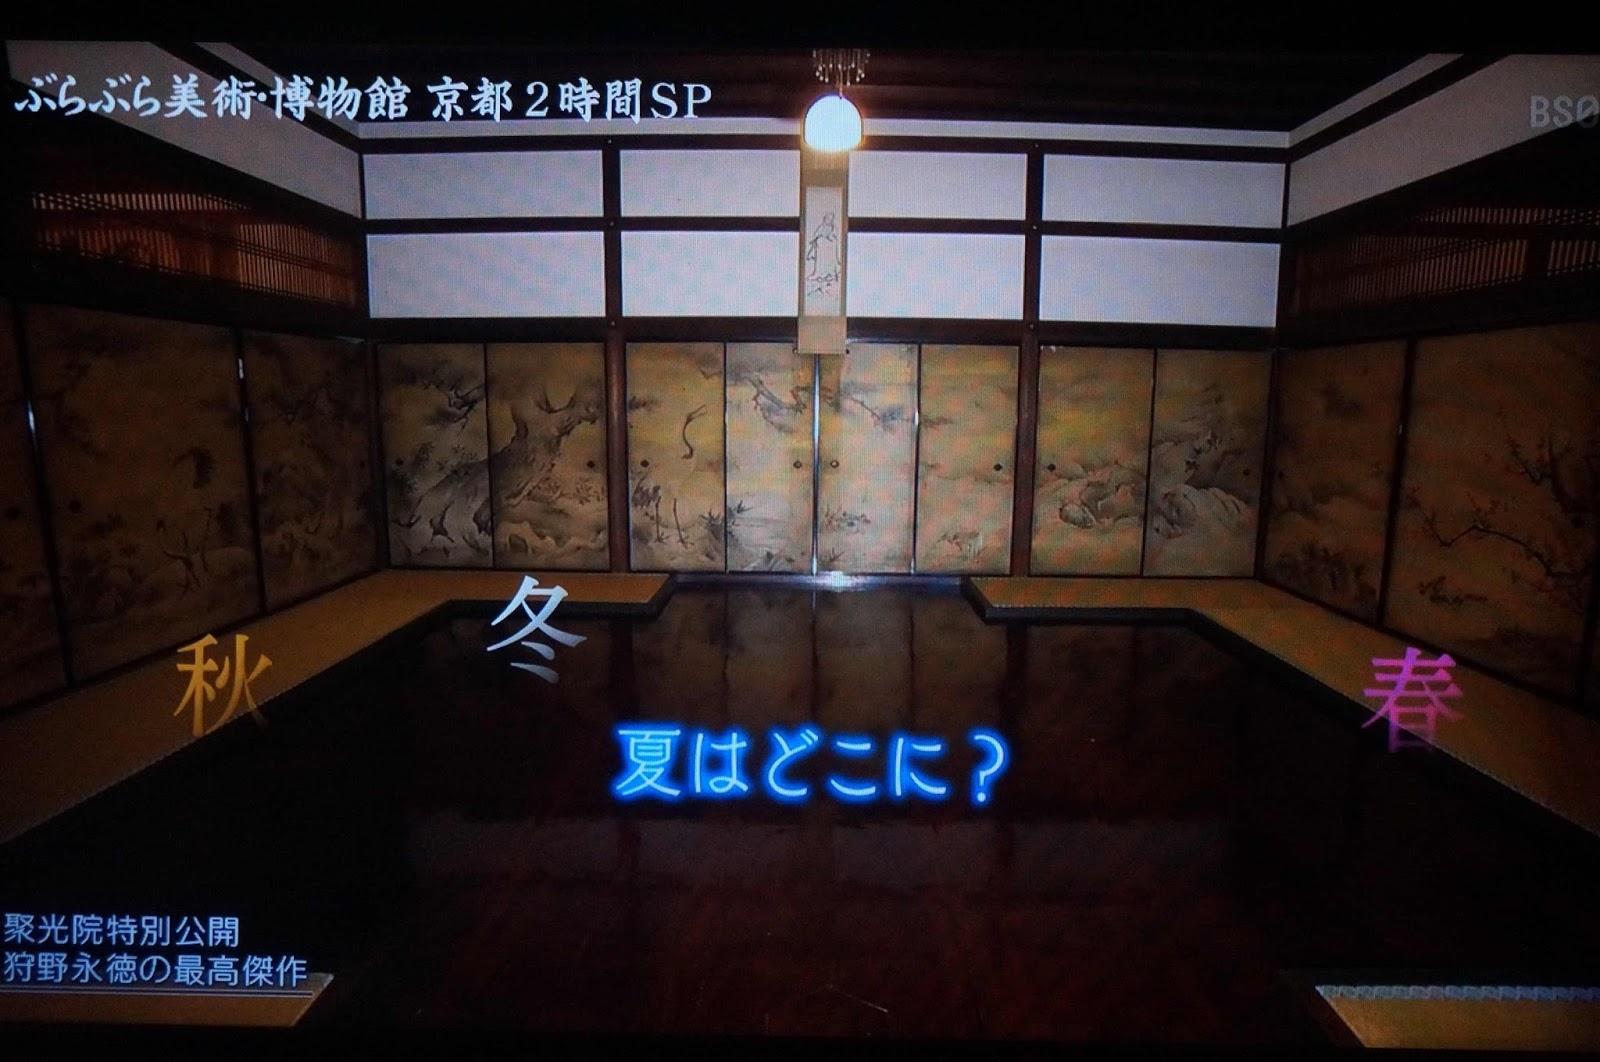 狩野松栄の画像 p1_30